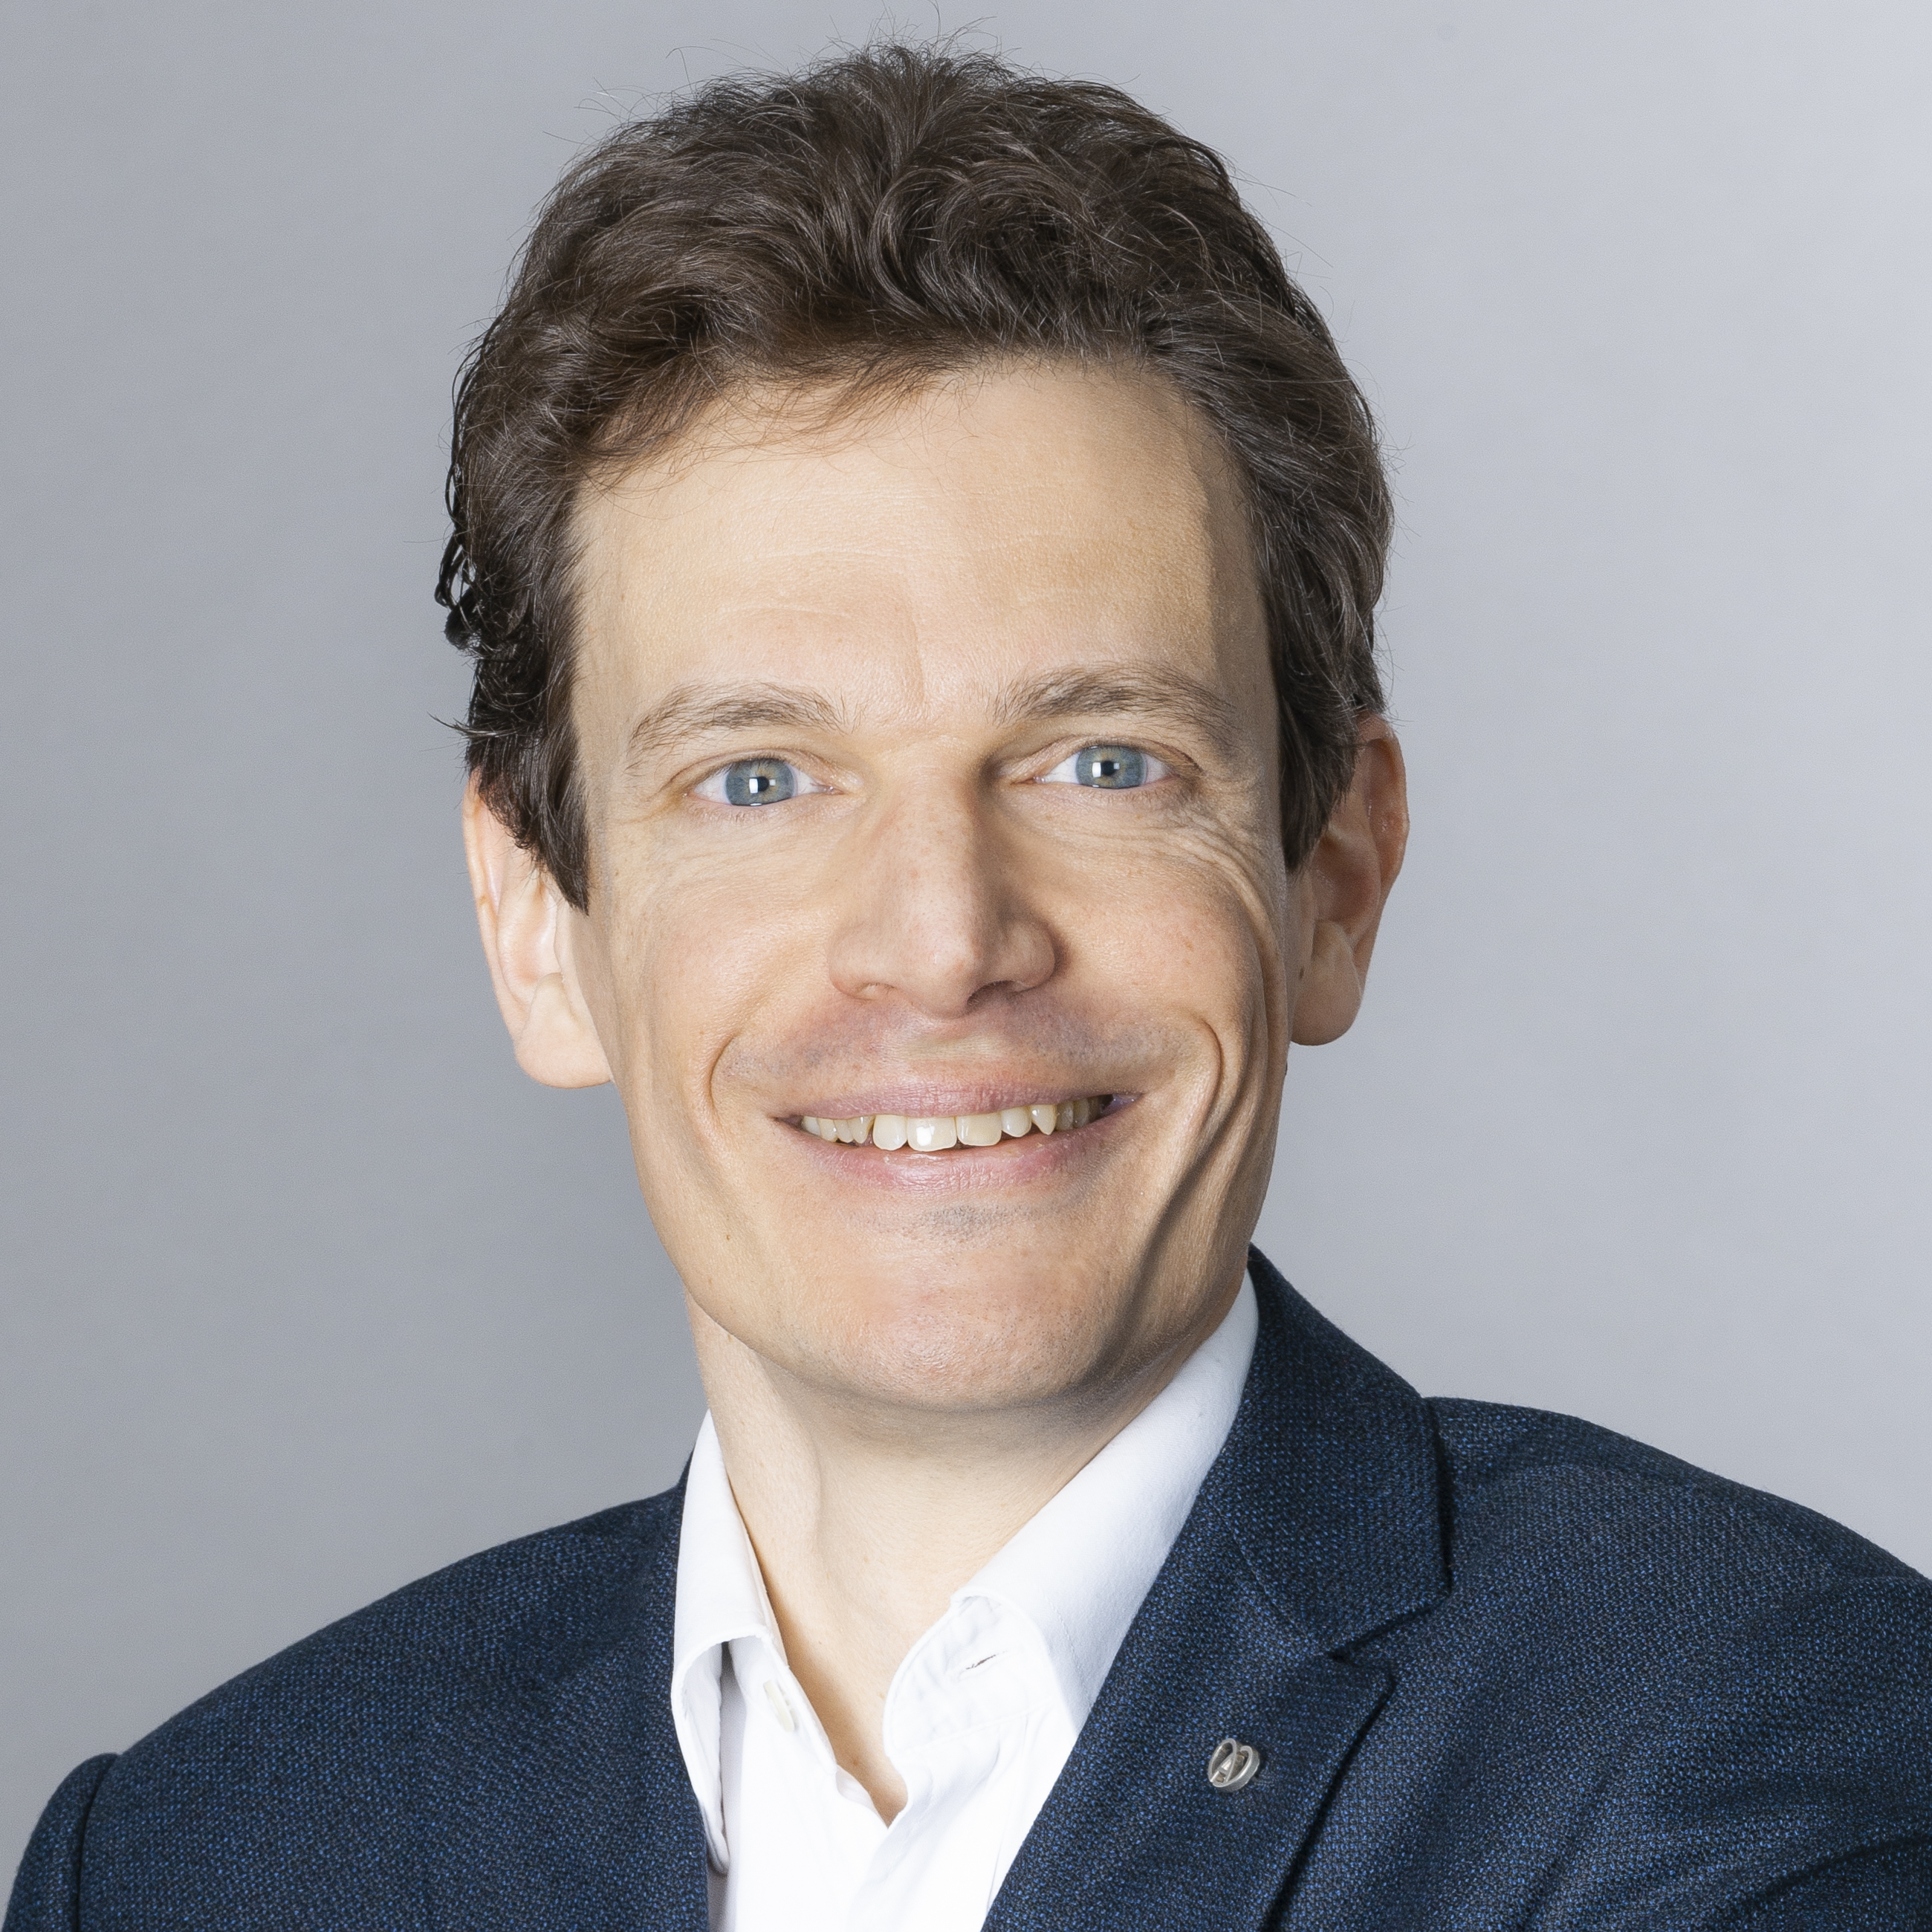 Alexandre Rigaut